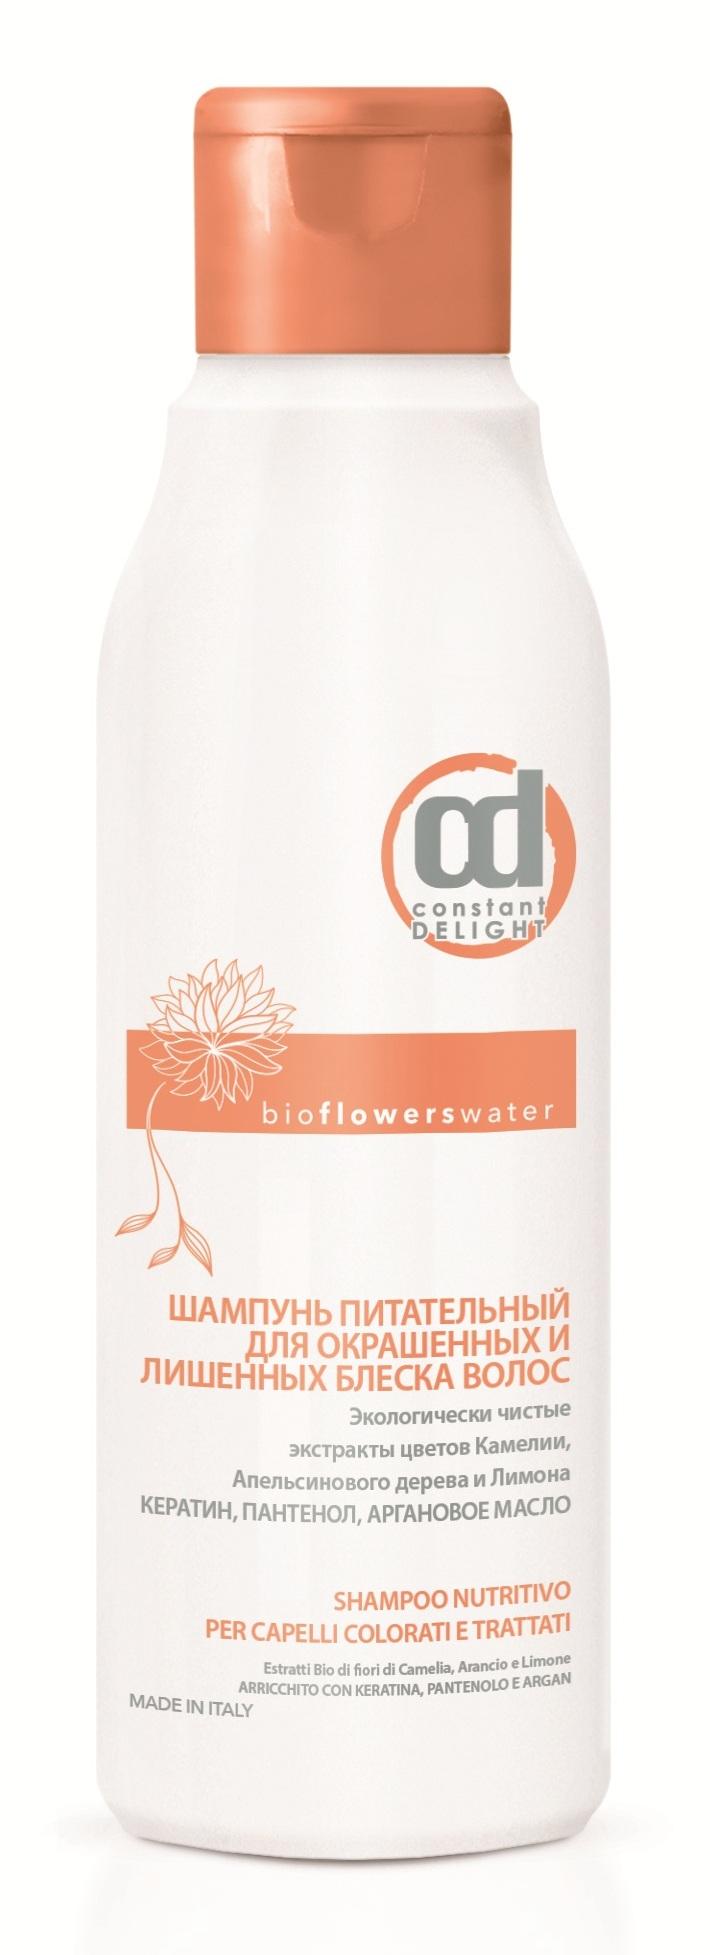 Купить CONSTANT DELIGHT Шампунь питательный для окрашенных и лишенных блеска волос / BIO FLOWER 250 мл